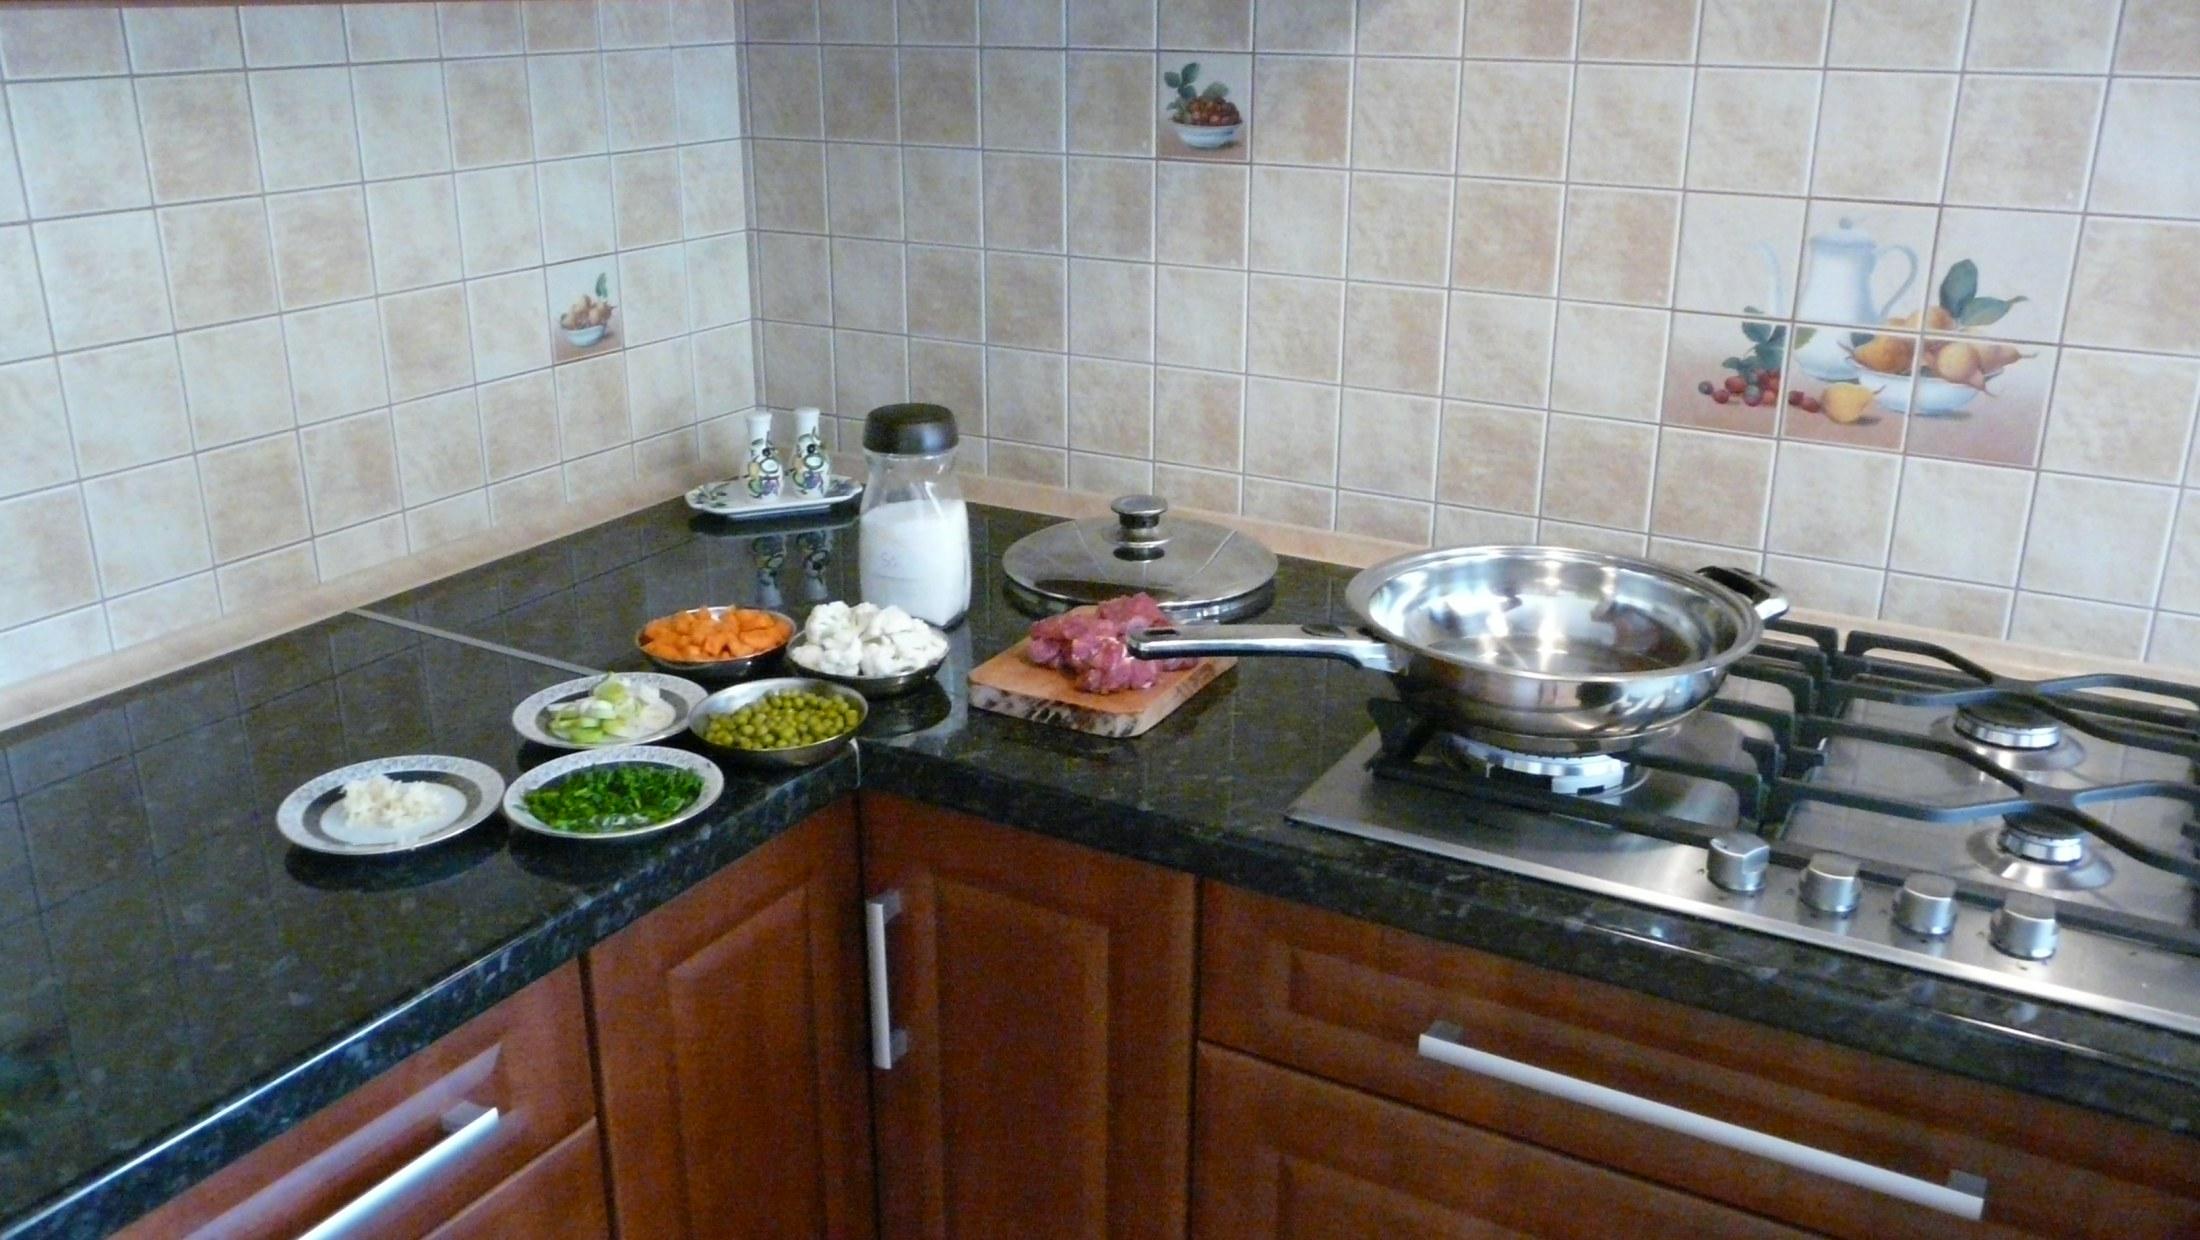 Hovězí maso s mrkví a kedlubnami